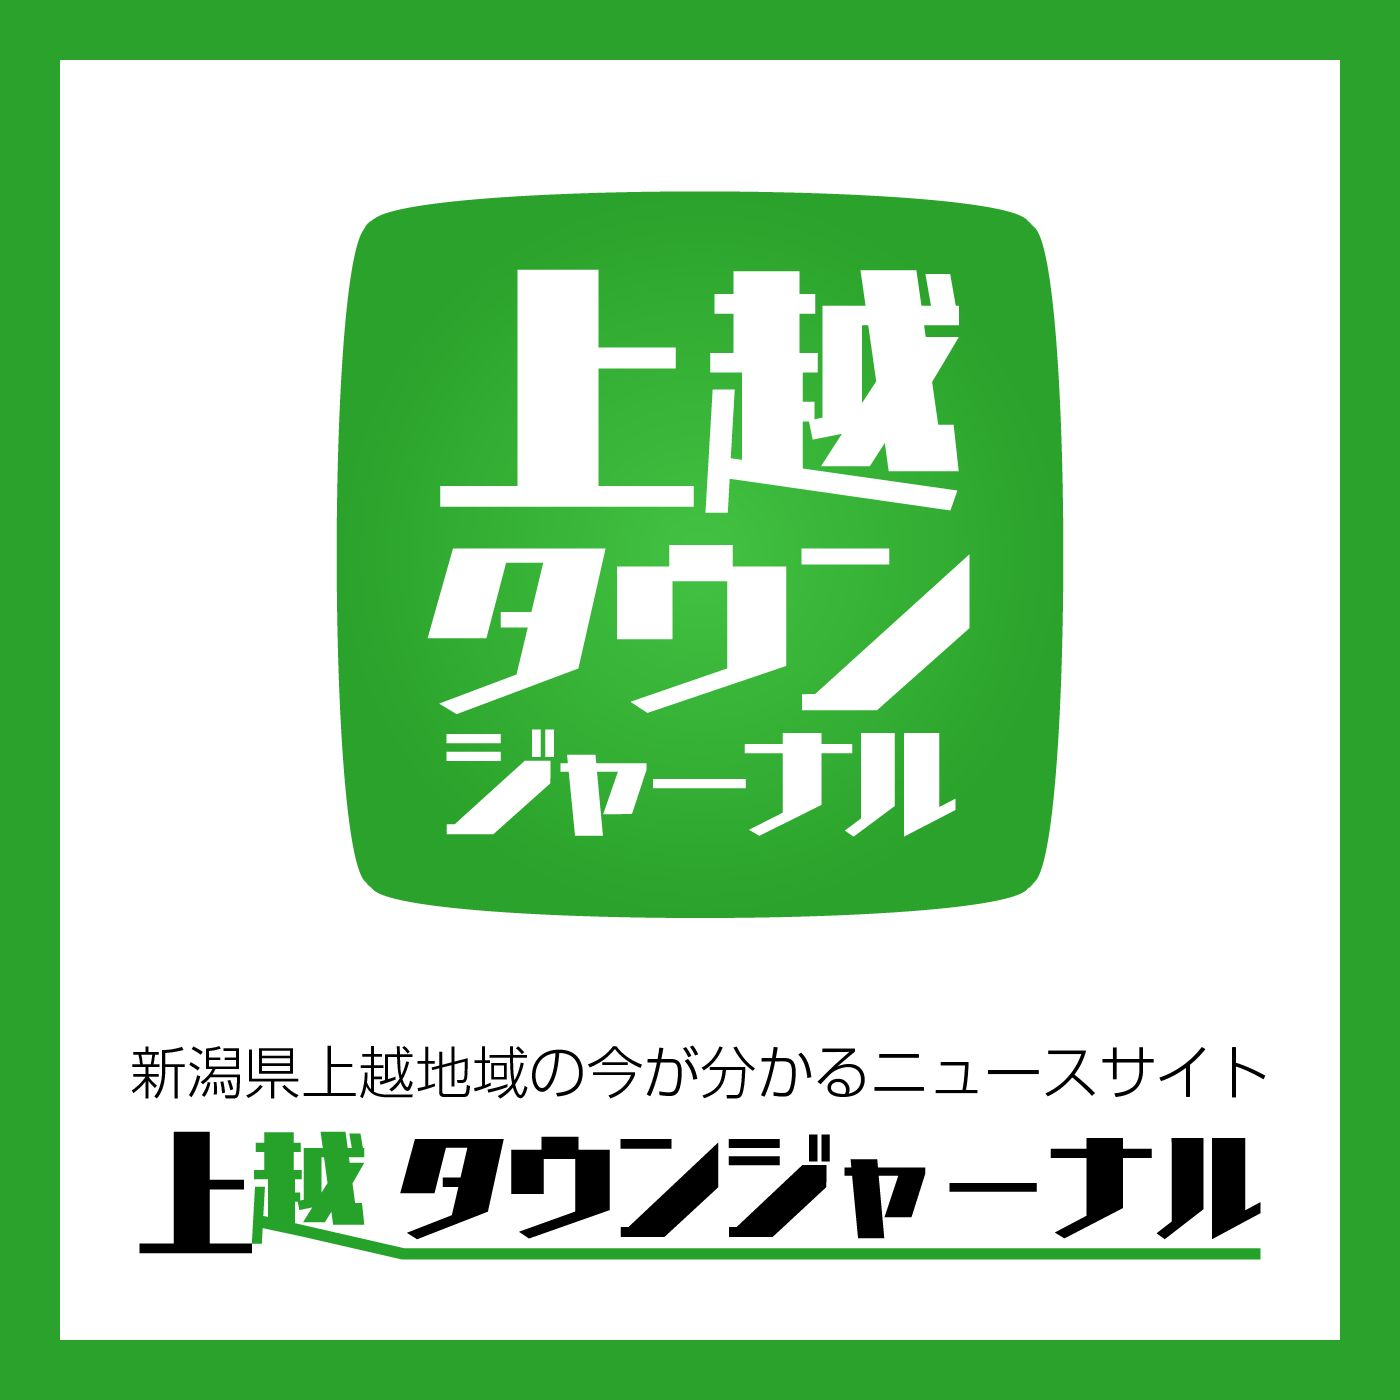 上越タウンジャーナルラジオ